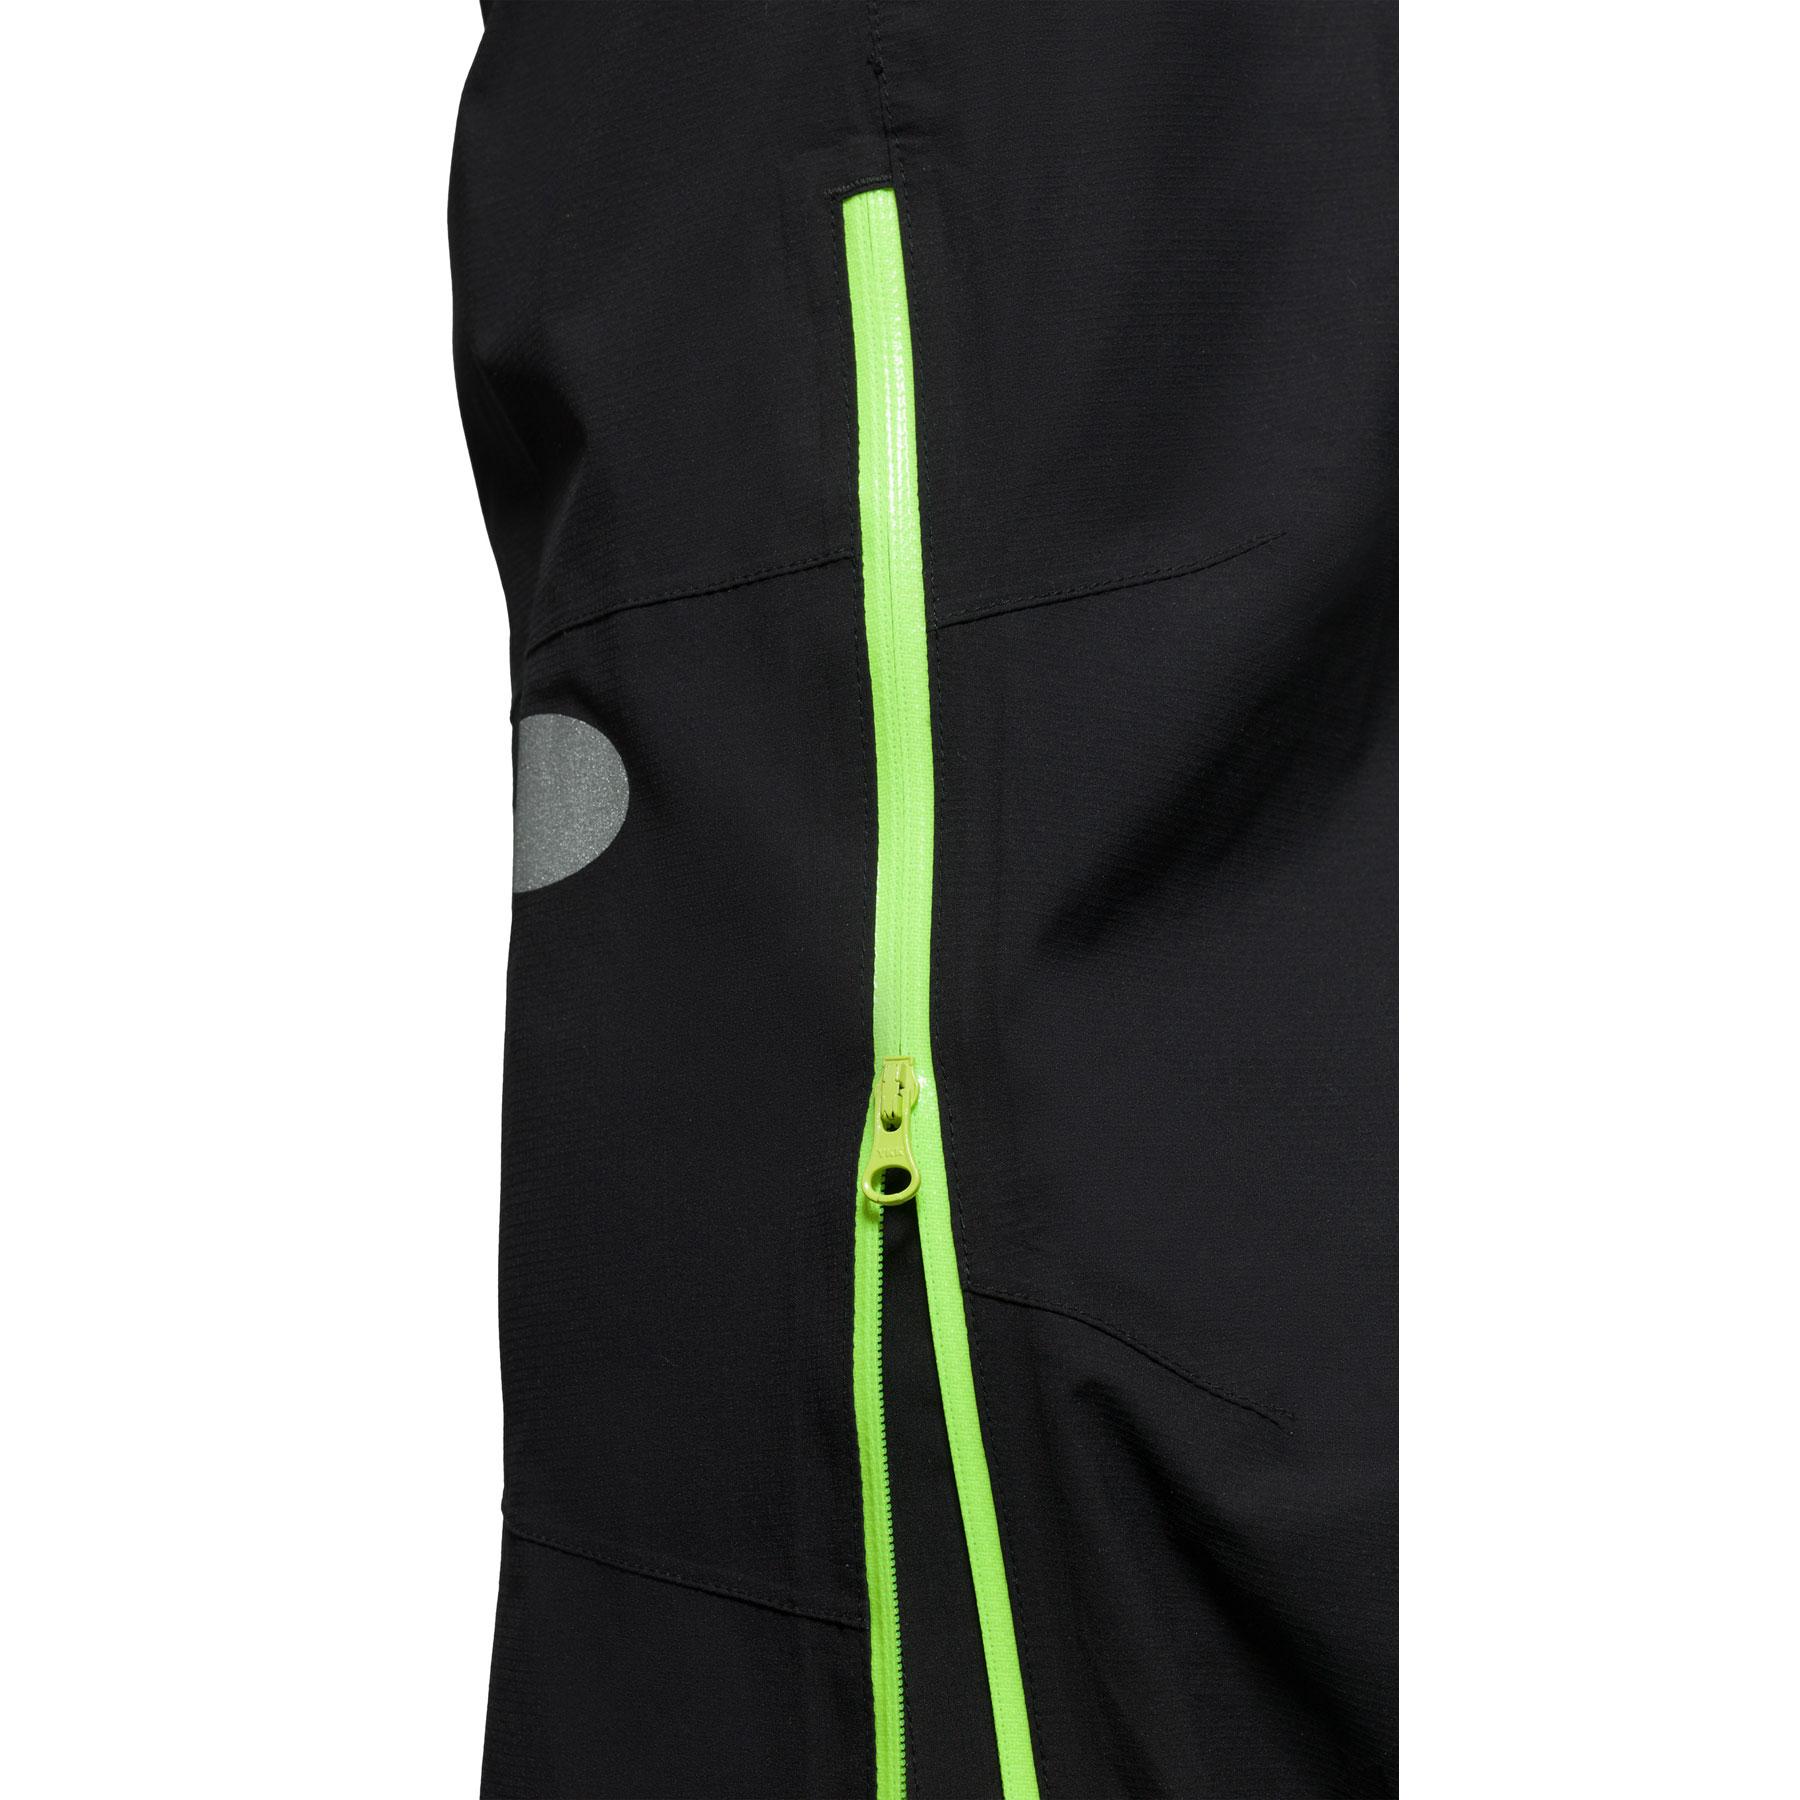 Bild von Yeti Horizon Unisex 2.5 Lagen Hose - black/neon green